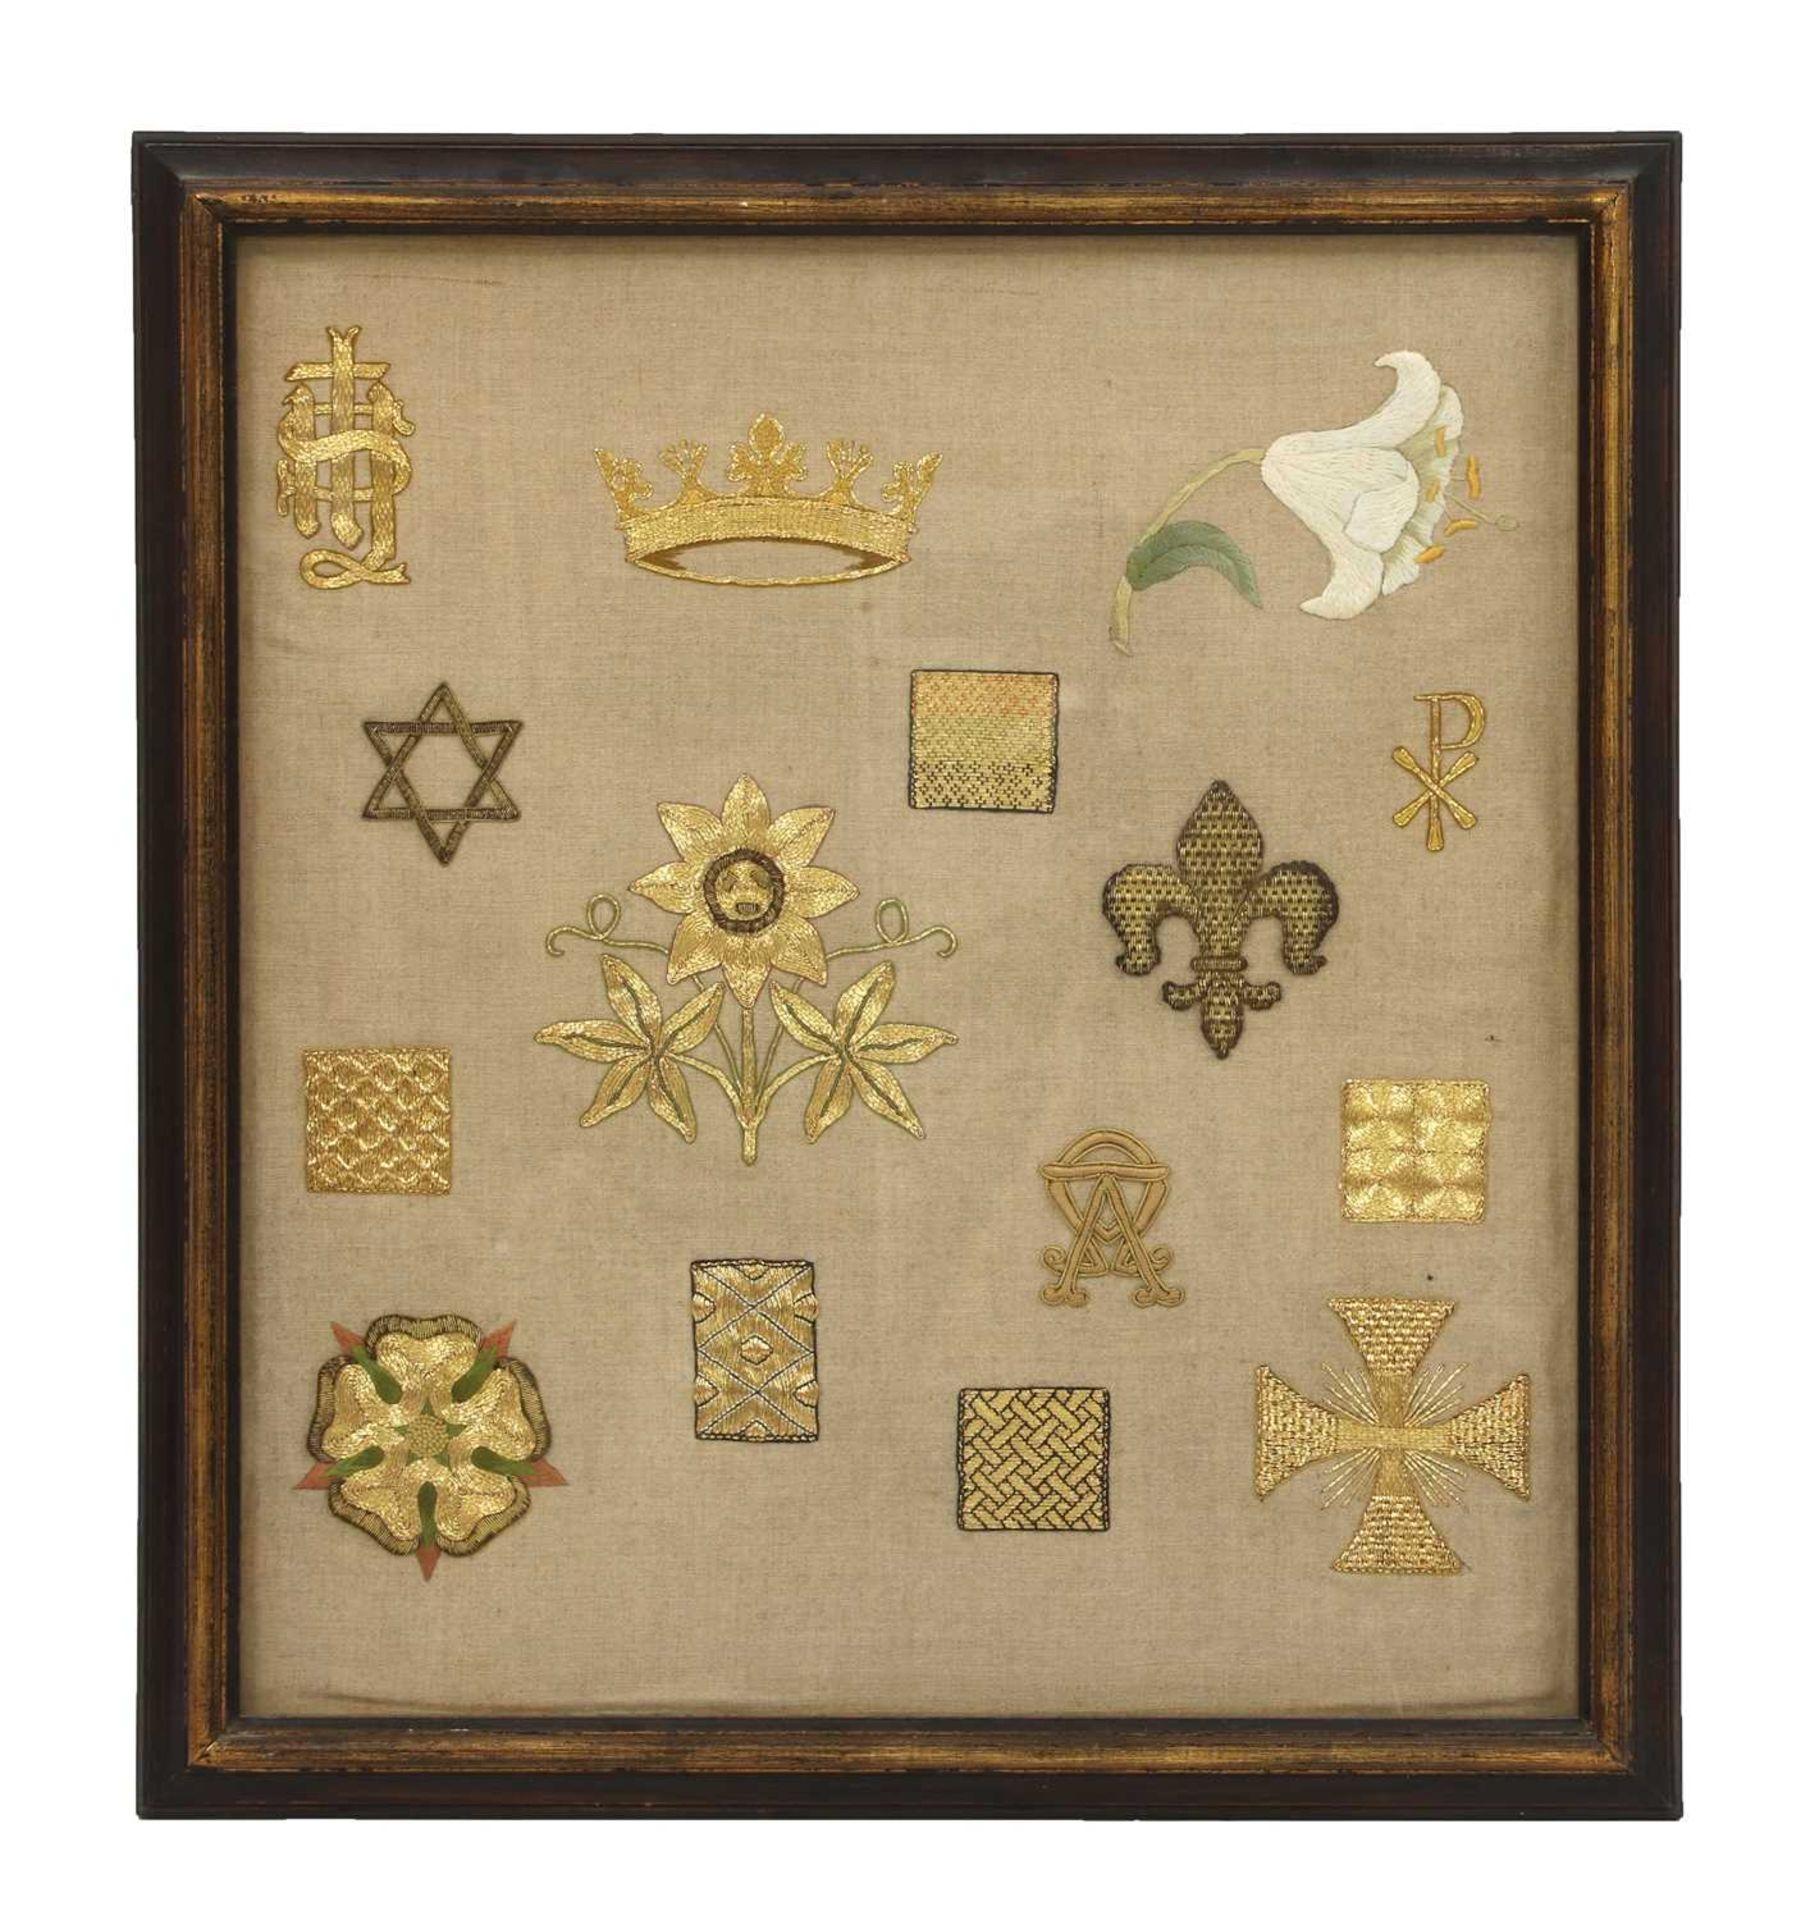 A framed goldwork embroidery sampler,